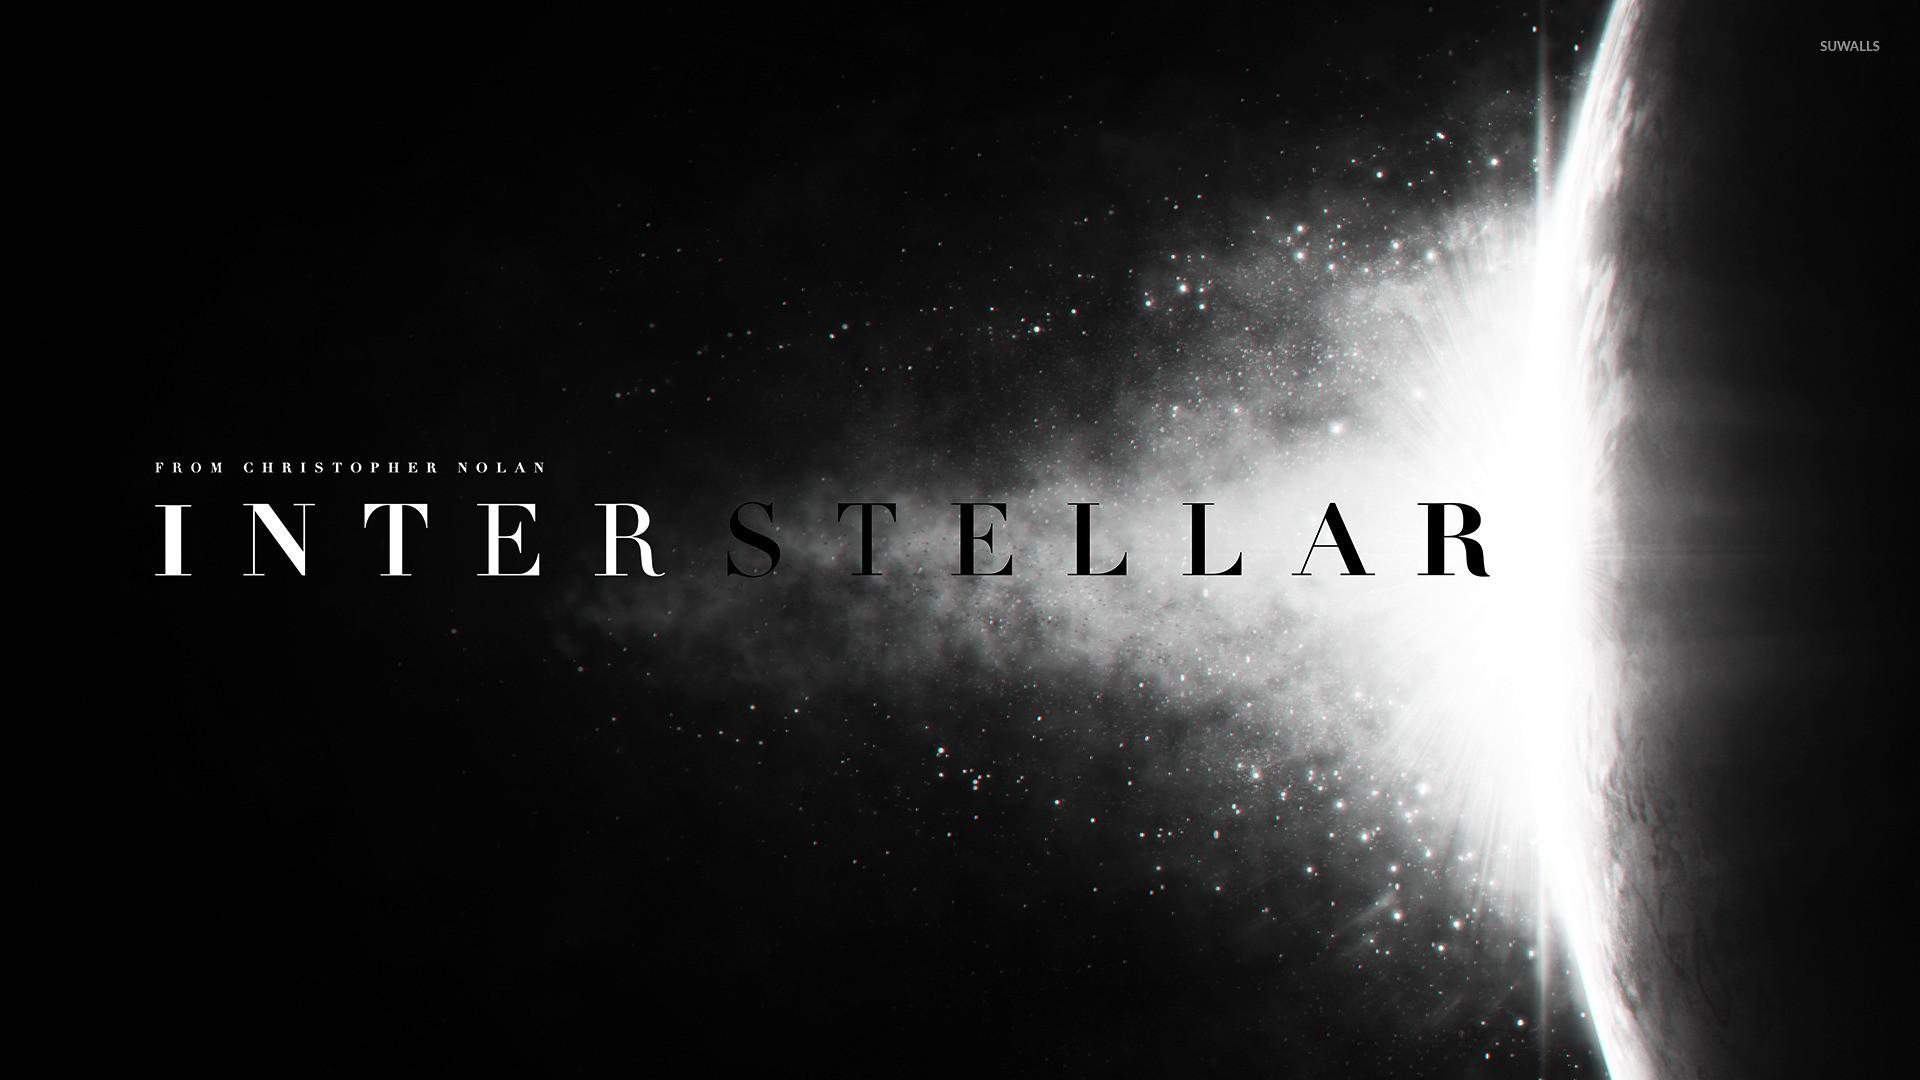 Interstellar wallpaper jpg